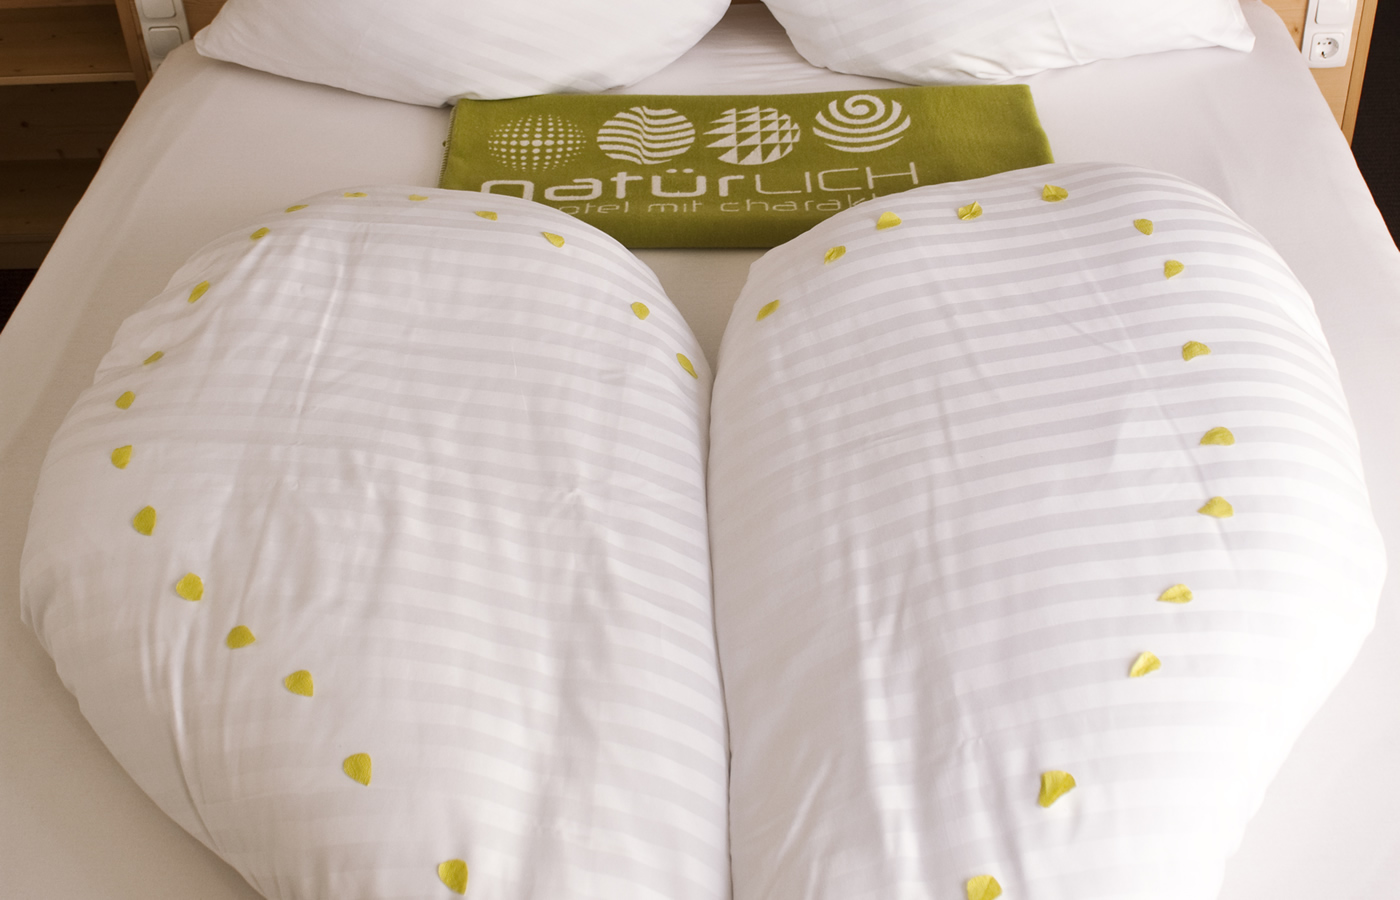 Bett in Herzform - Hotel Natürlich in Fiss.